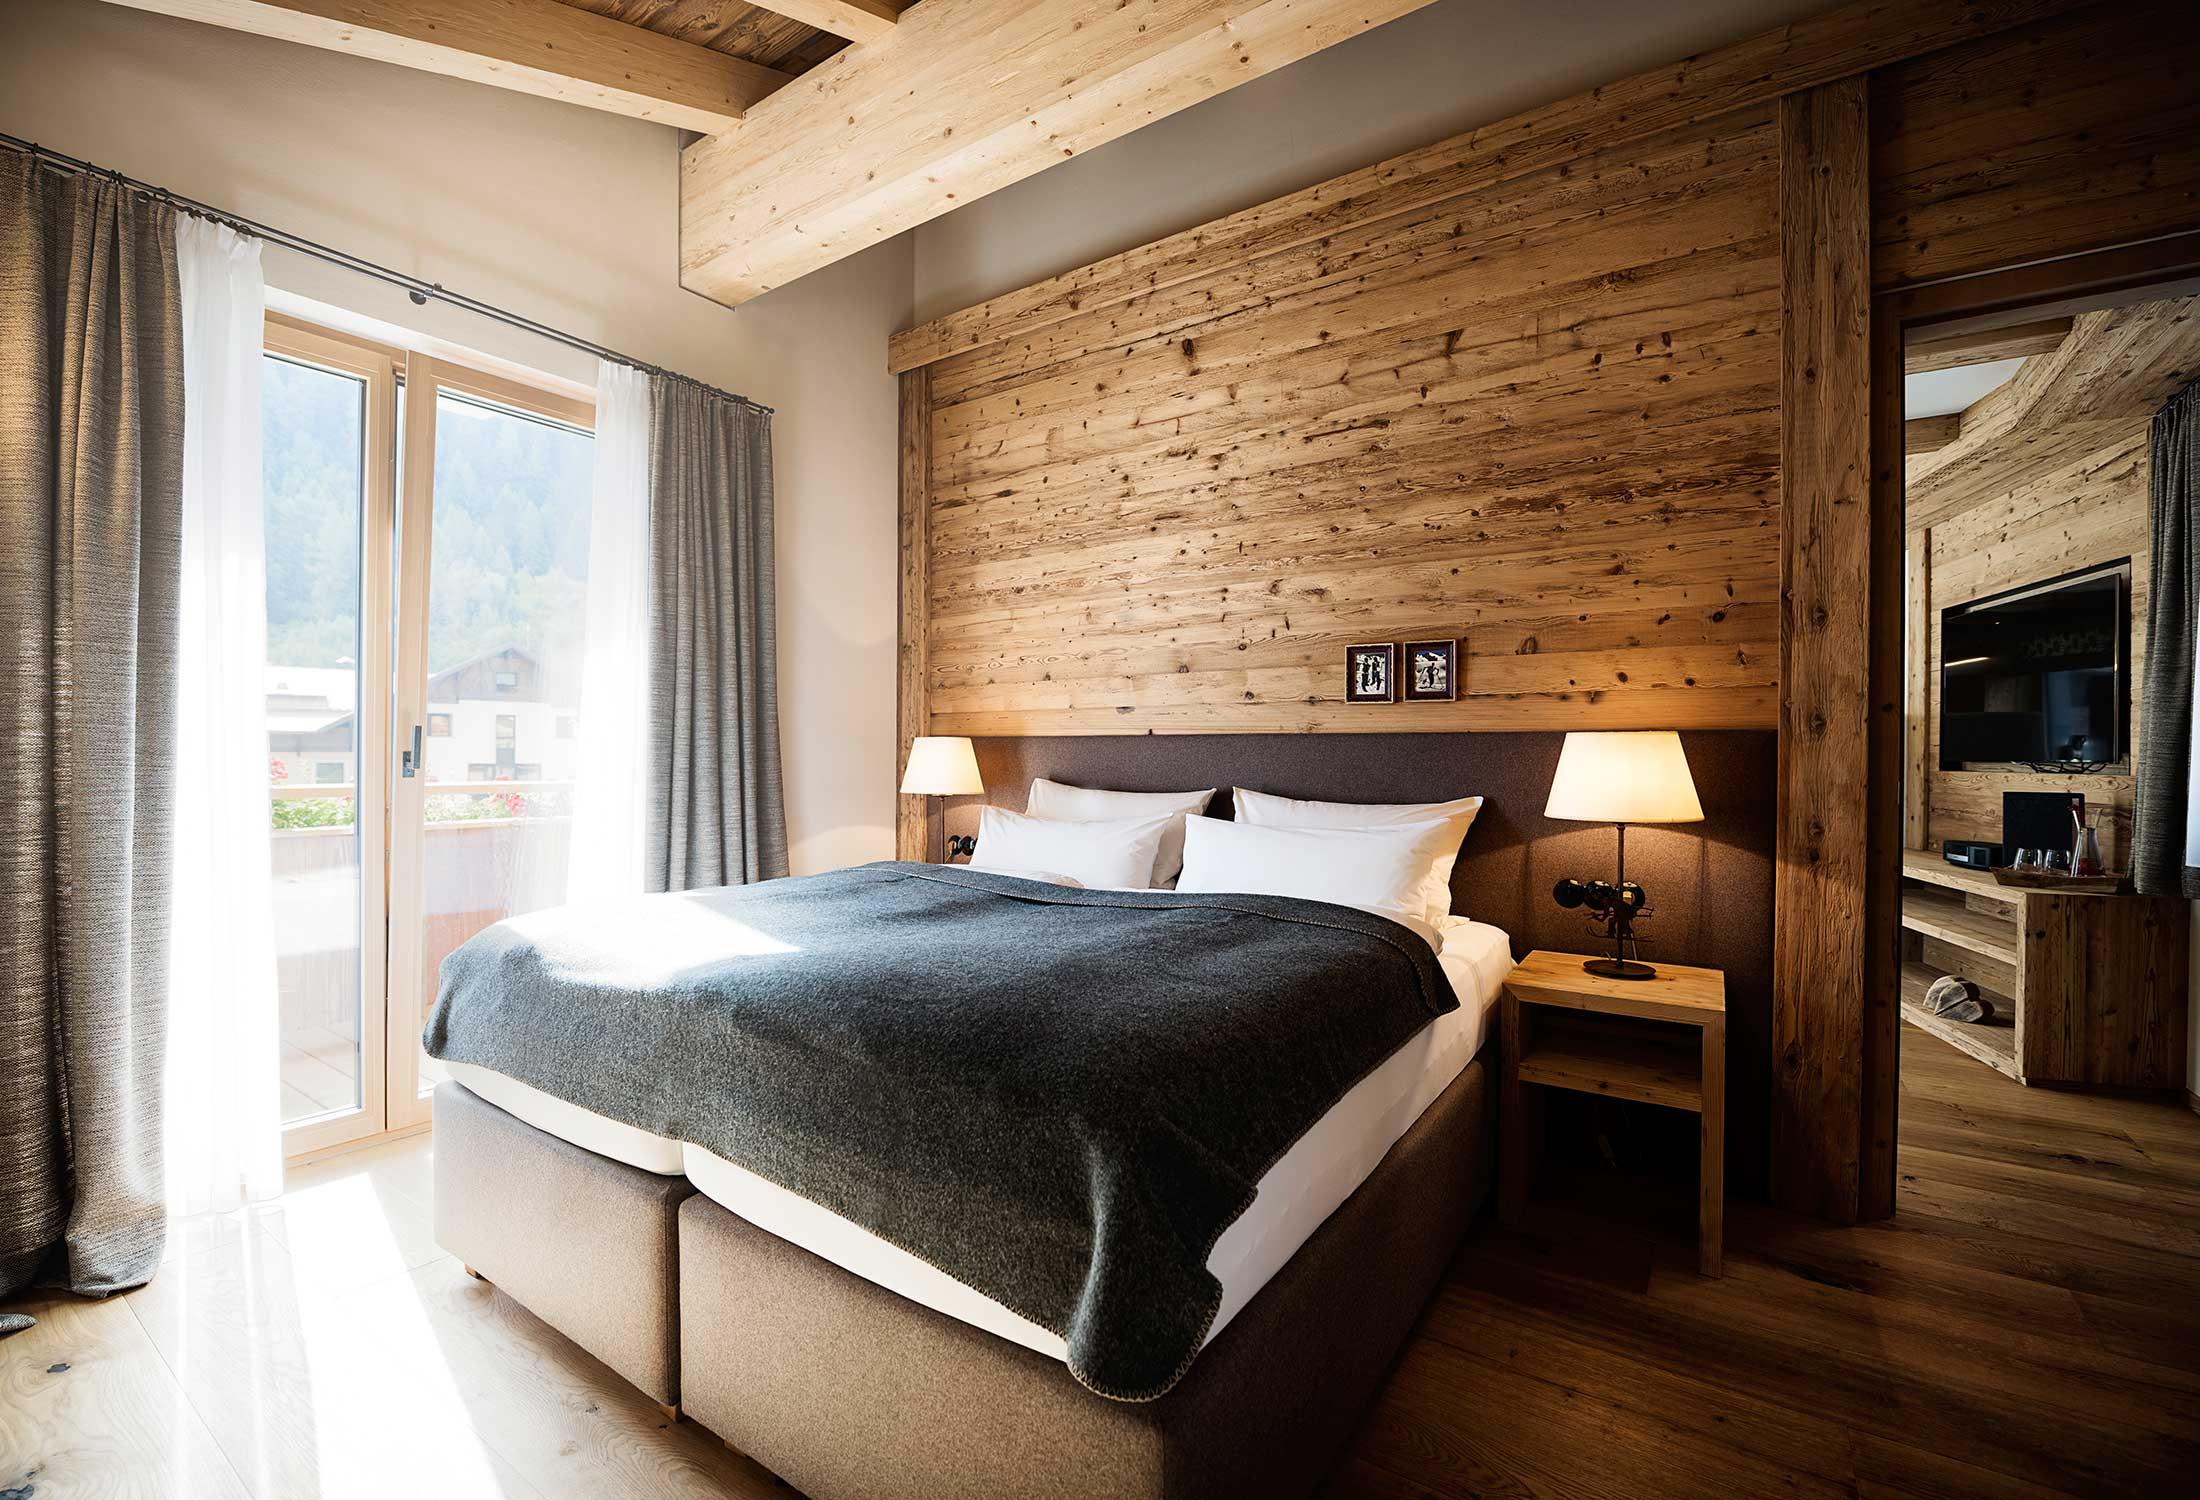 Schlafzimmer Design Braun: Coole schlafzimmer farbpalette ...